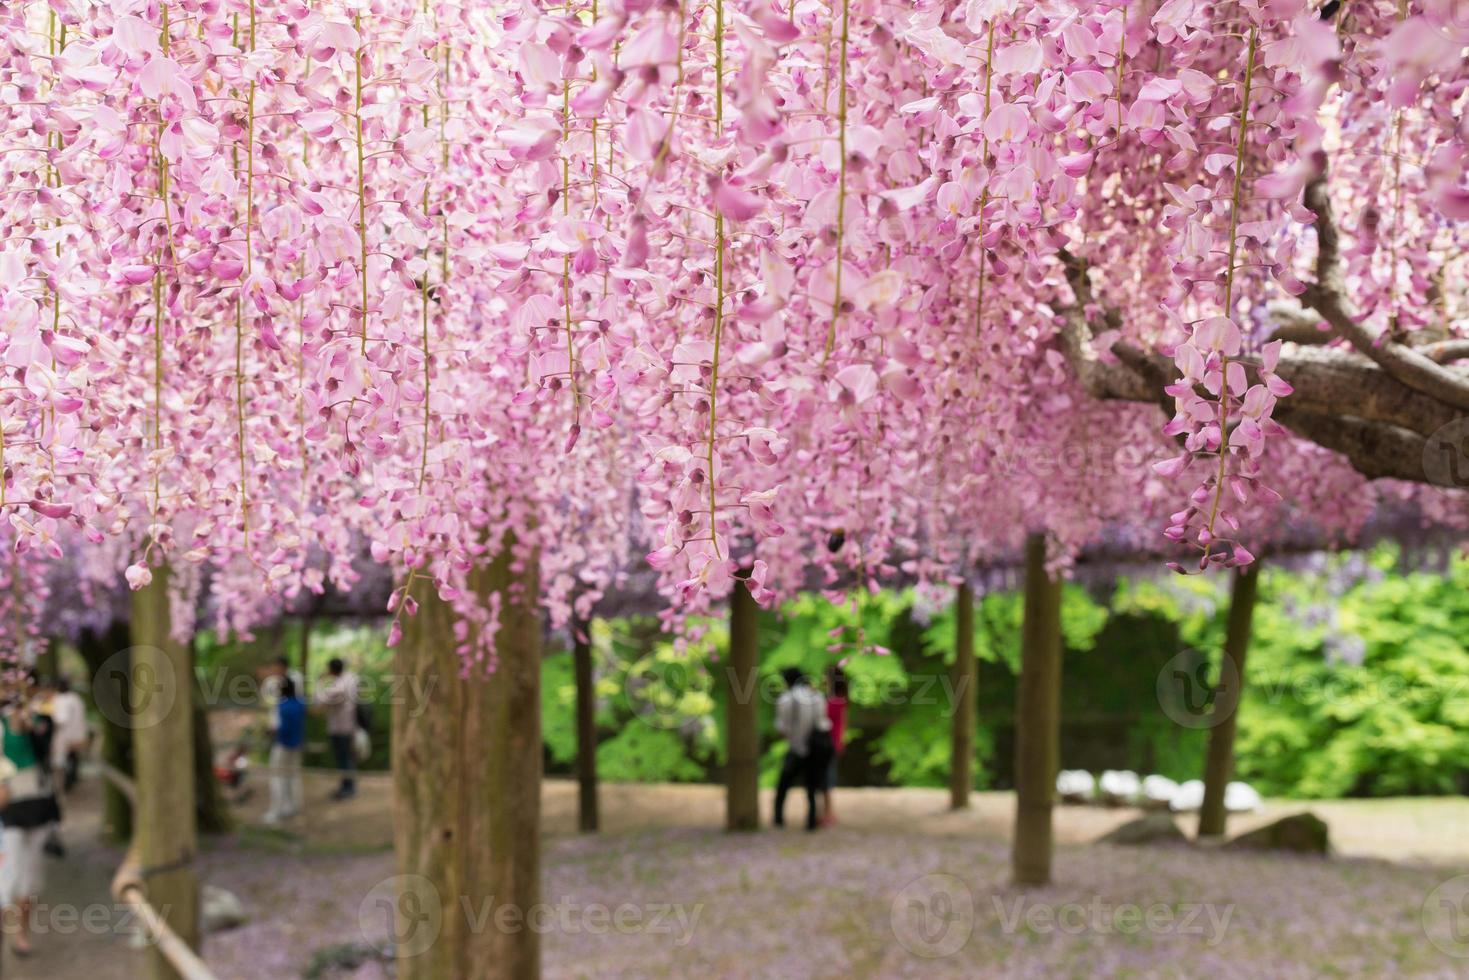 tunnel de glycine, le monde fantastique plein de fleurs de glycine photo